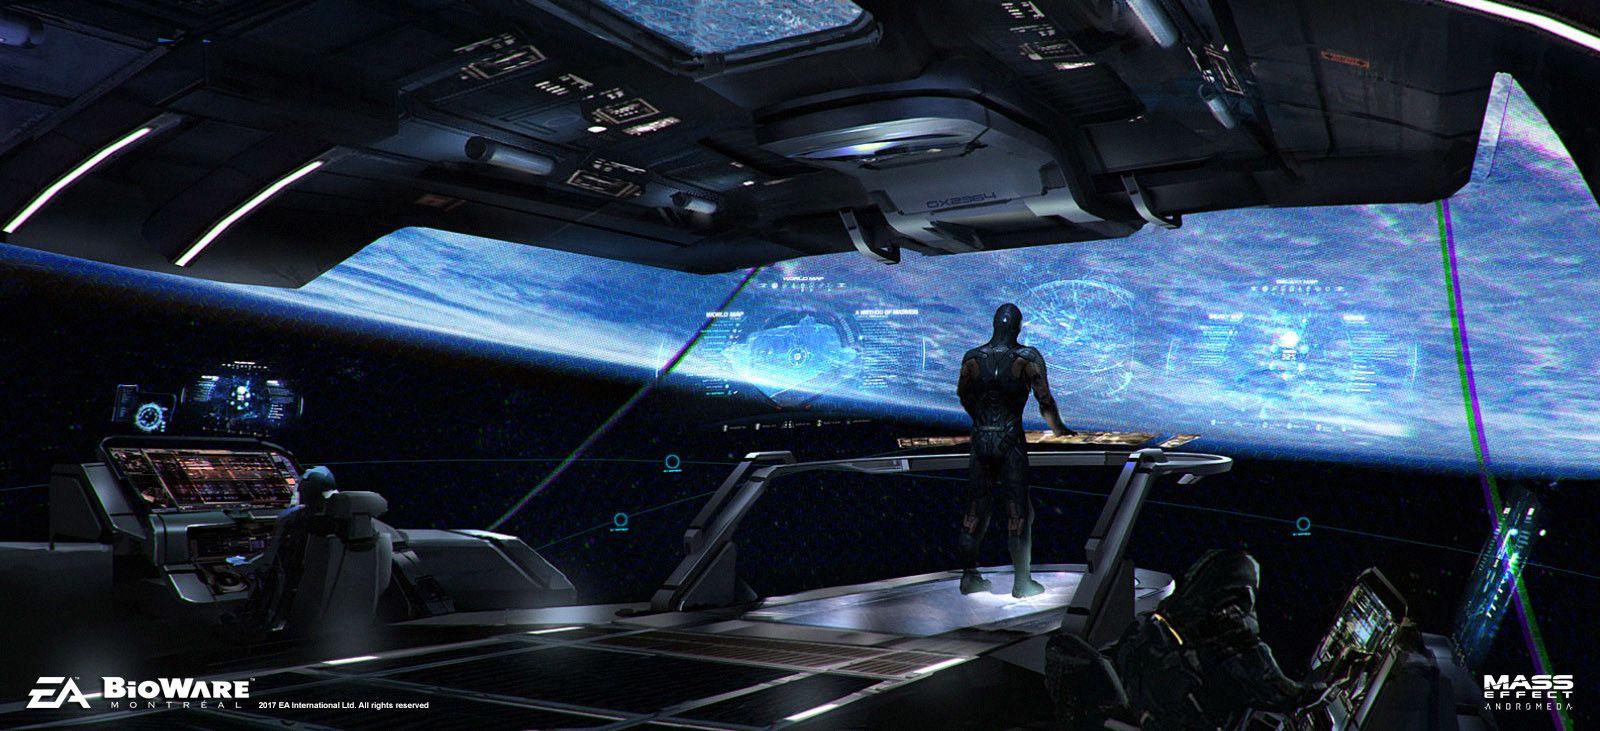 Mass Effect Andromeda Tempest Bridge Brian Sum Mass Effect